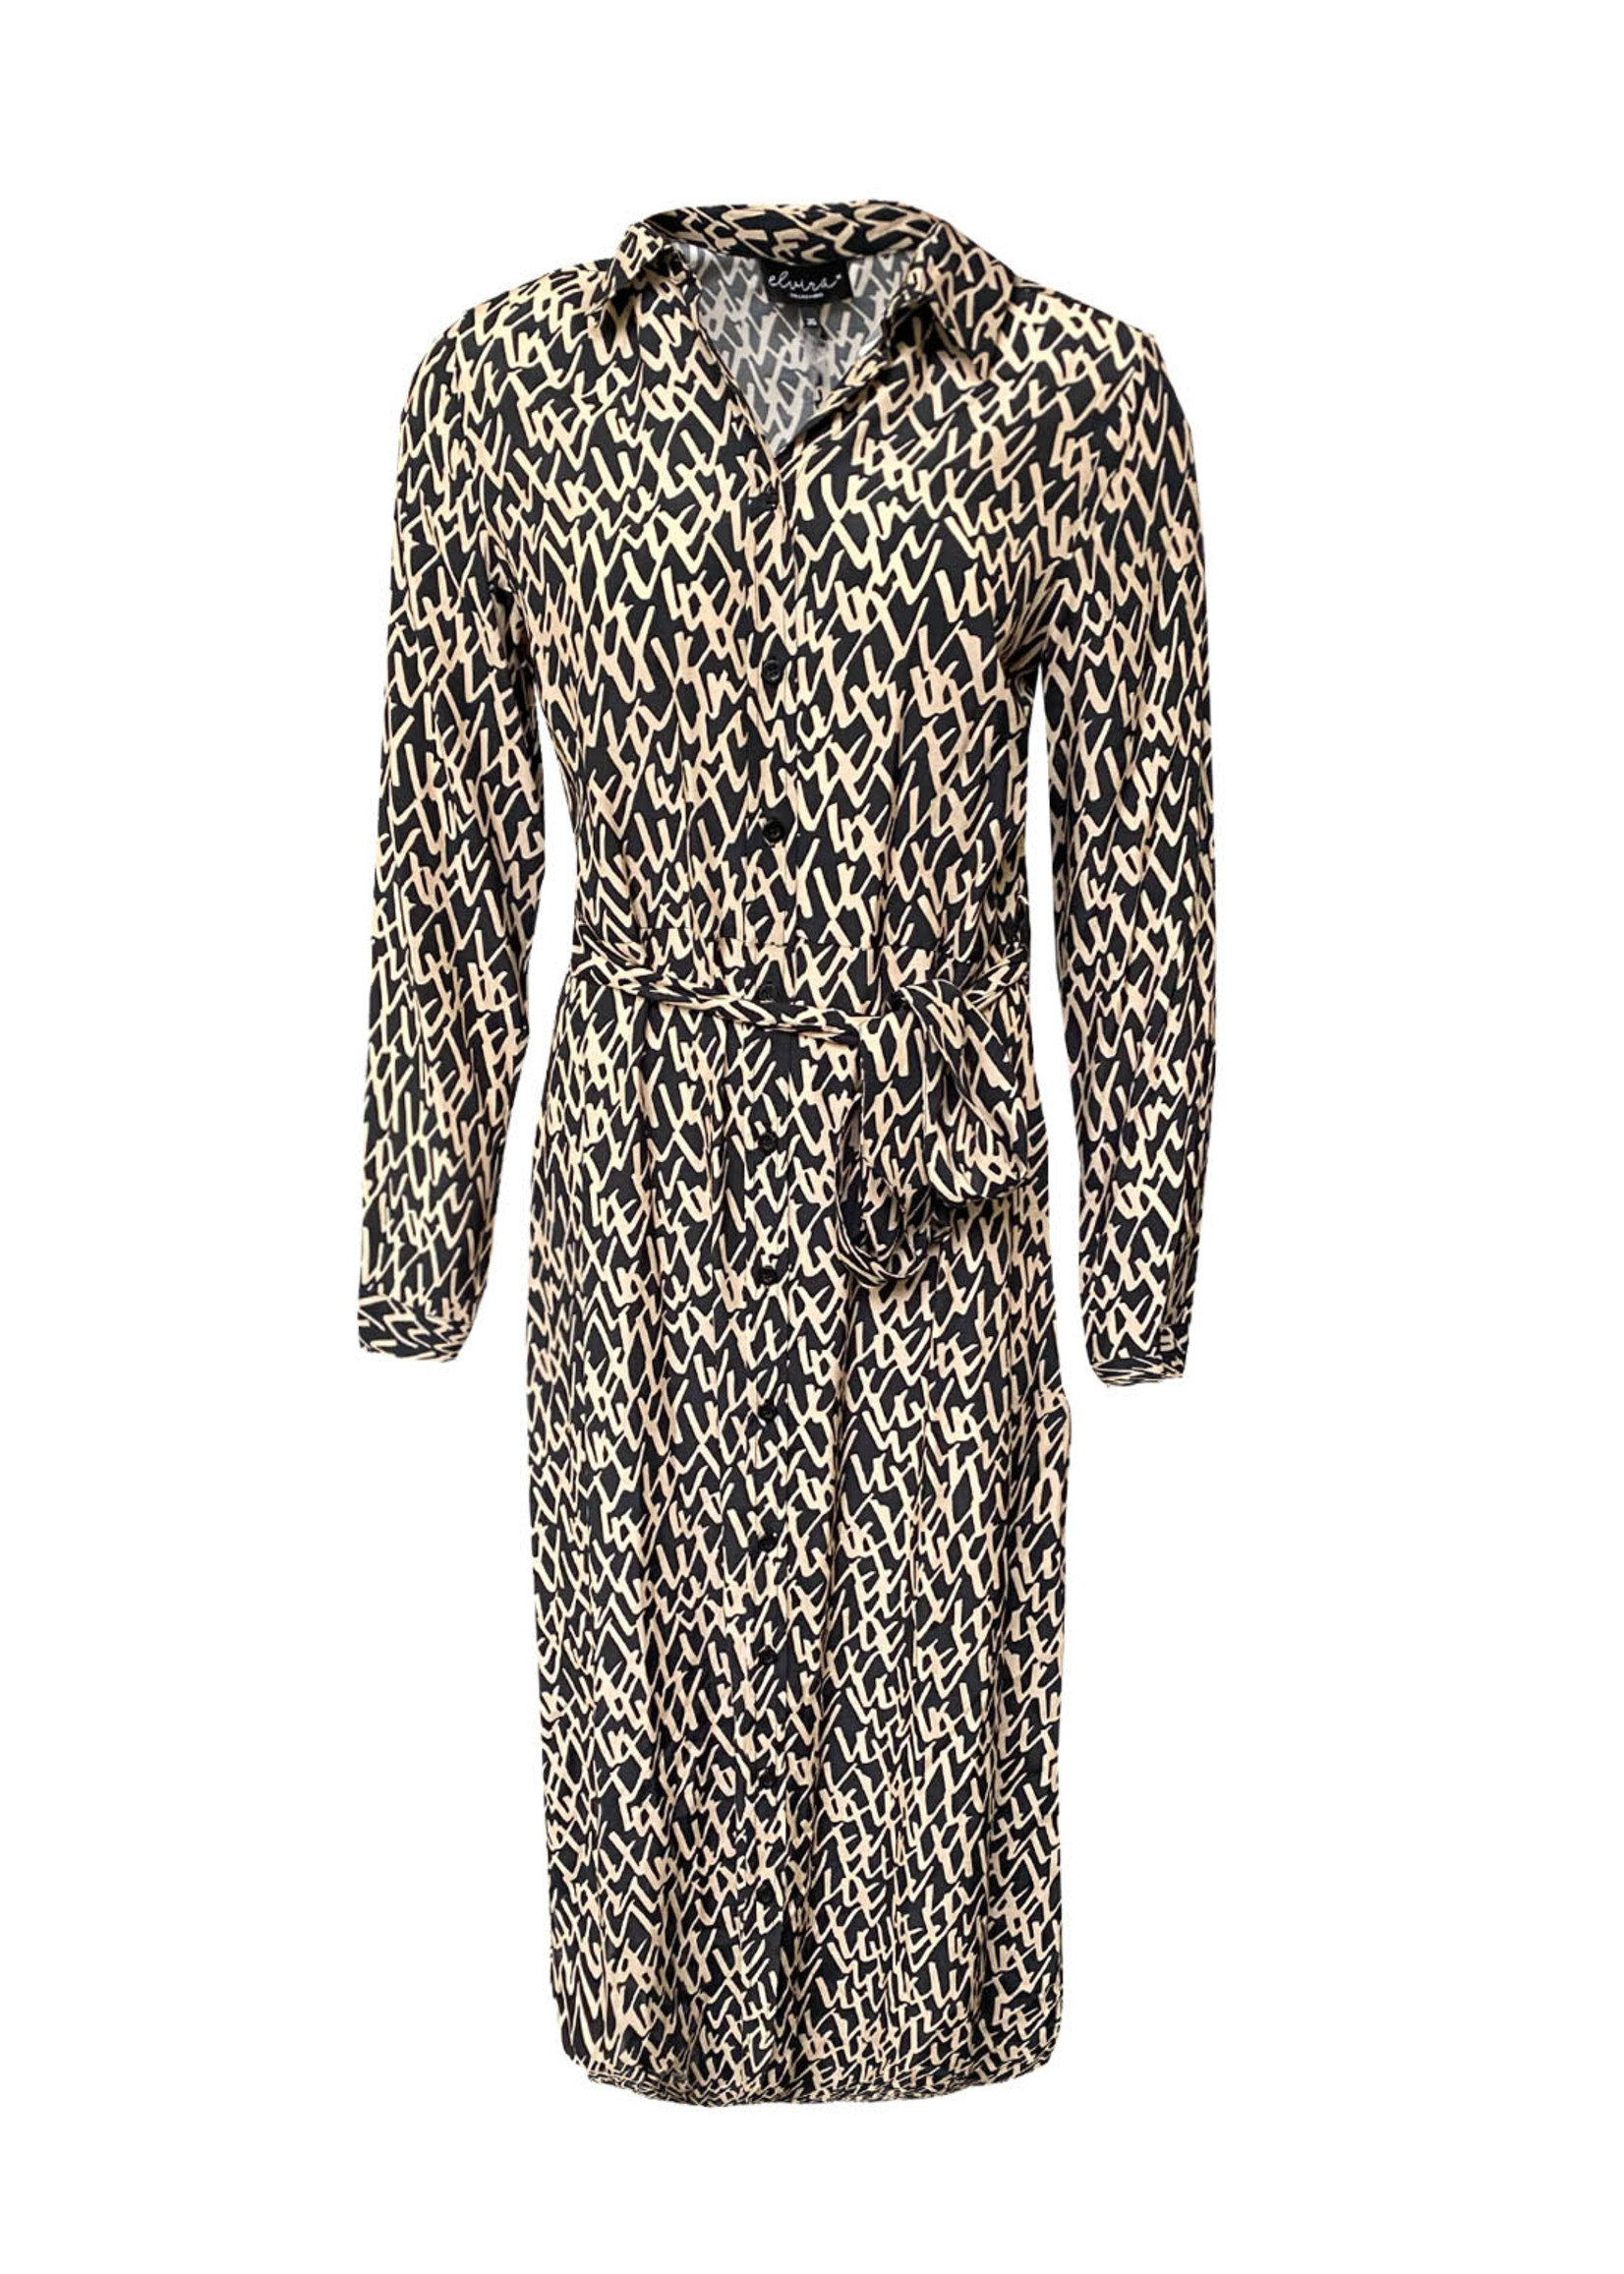 Elvira Collections Elvira Collections Veerle Dress